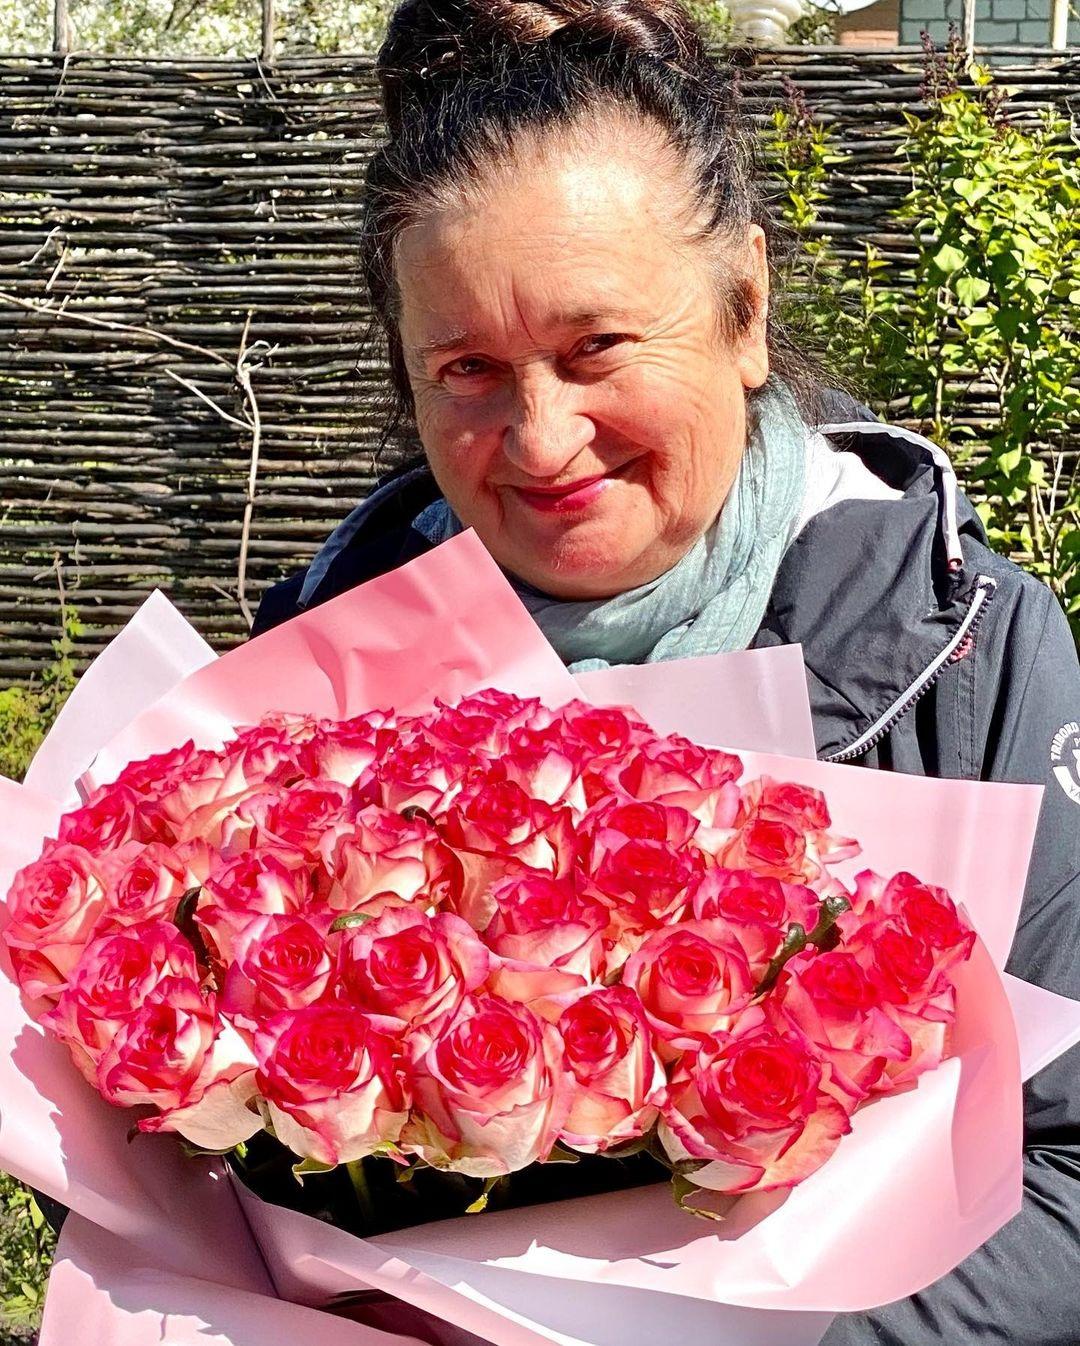 день матери украинские звезды как празднуют что дарят Лидия Таран семья мать